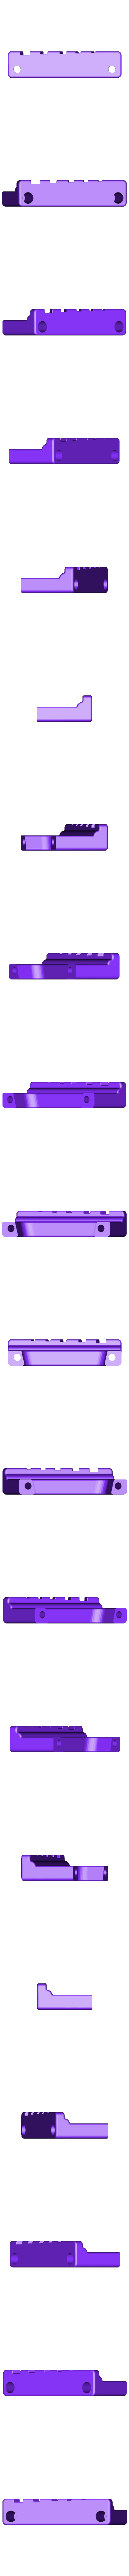 Allen Wrench Holder.STL Download STL file Ender 3 Pro Storage Mod Kit • Object to 3D print, a3rdDimension